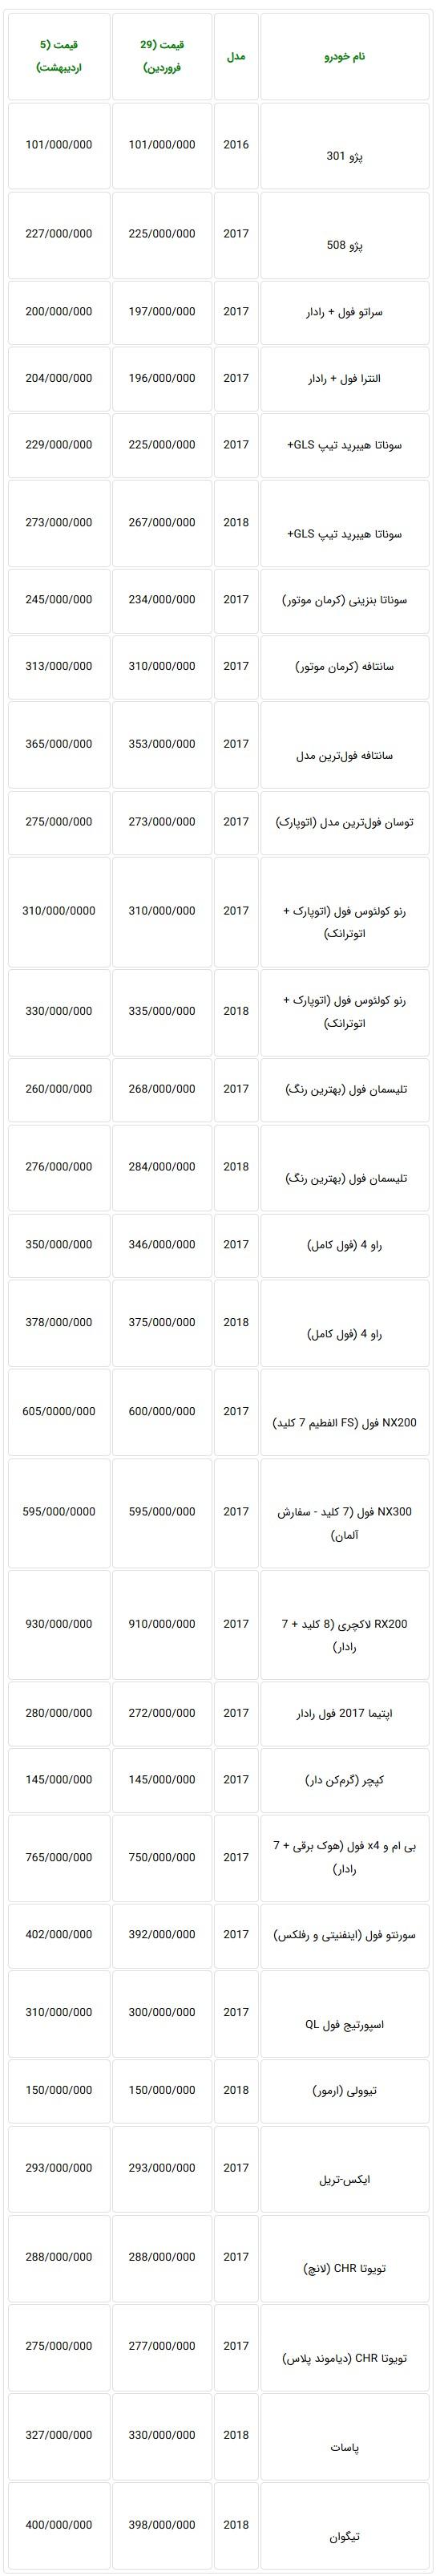 افزایش قیمت مجدد خودروهای وارداتی در هفته گذشته - جدول